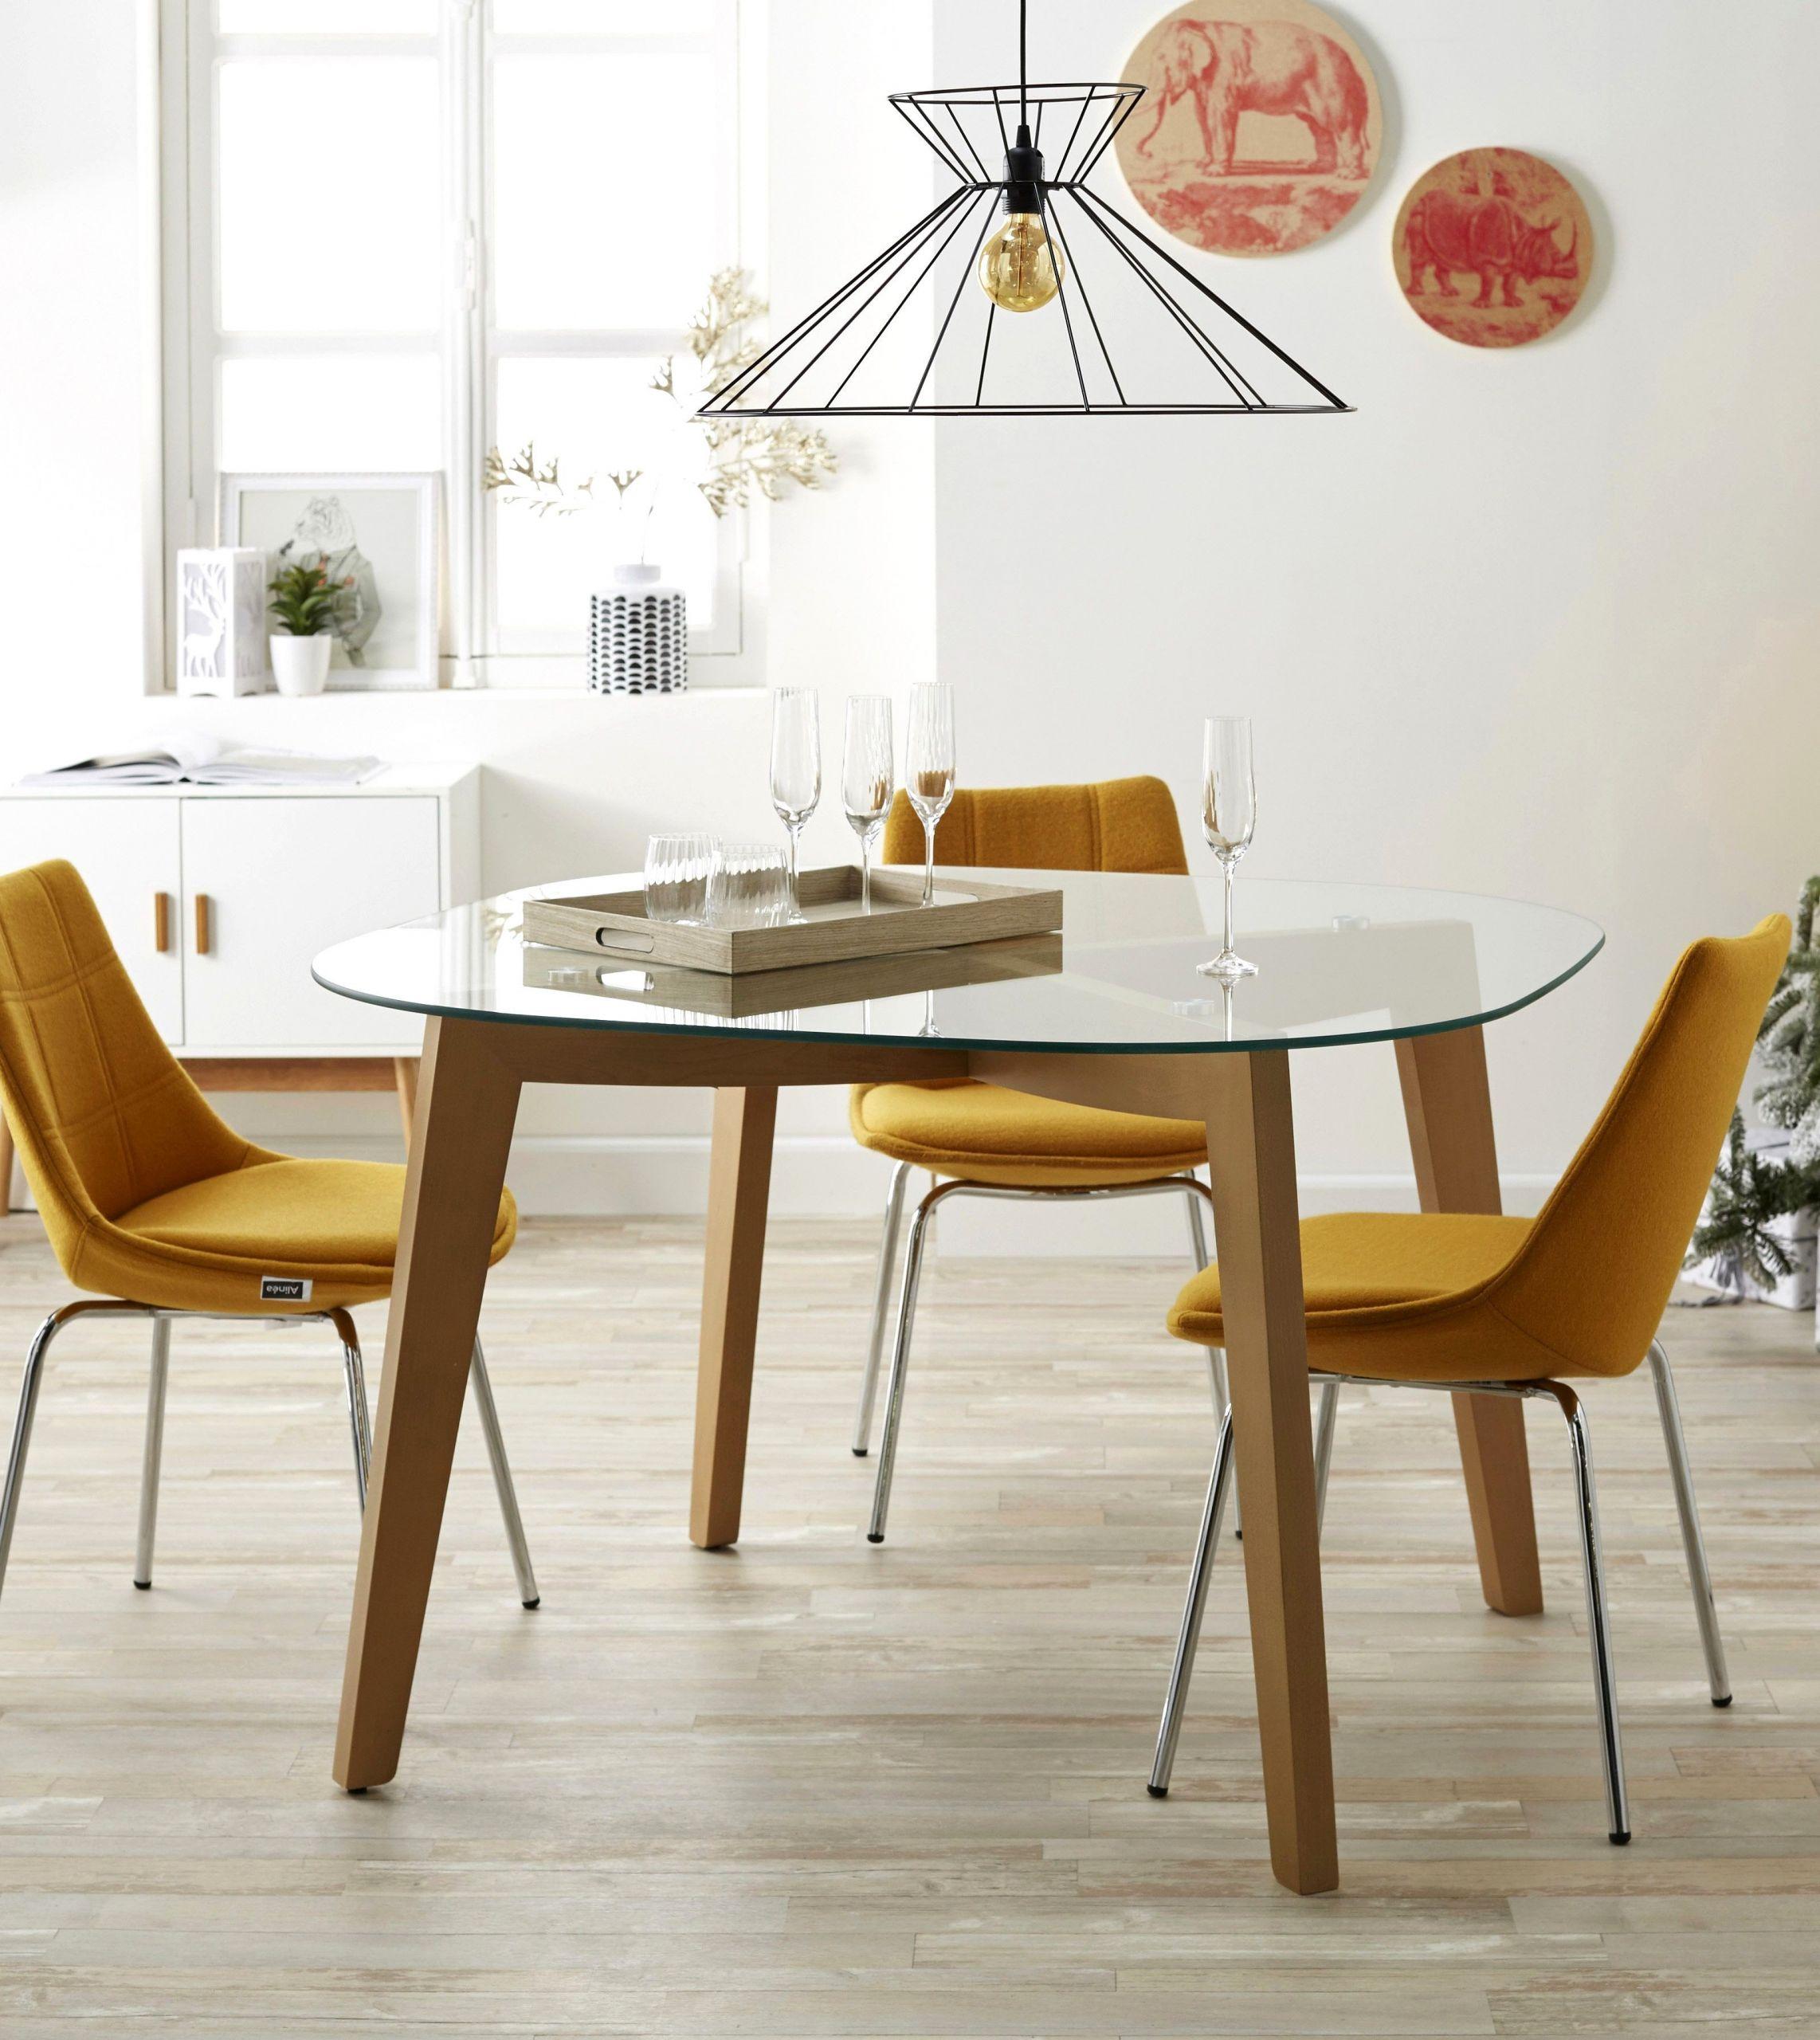 table basse monsieur meuble salle a manger dans chaise table basse monsieur meuble salle manger inspirant meubles 0d of